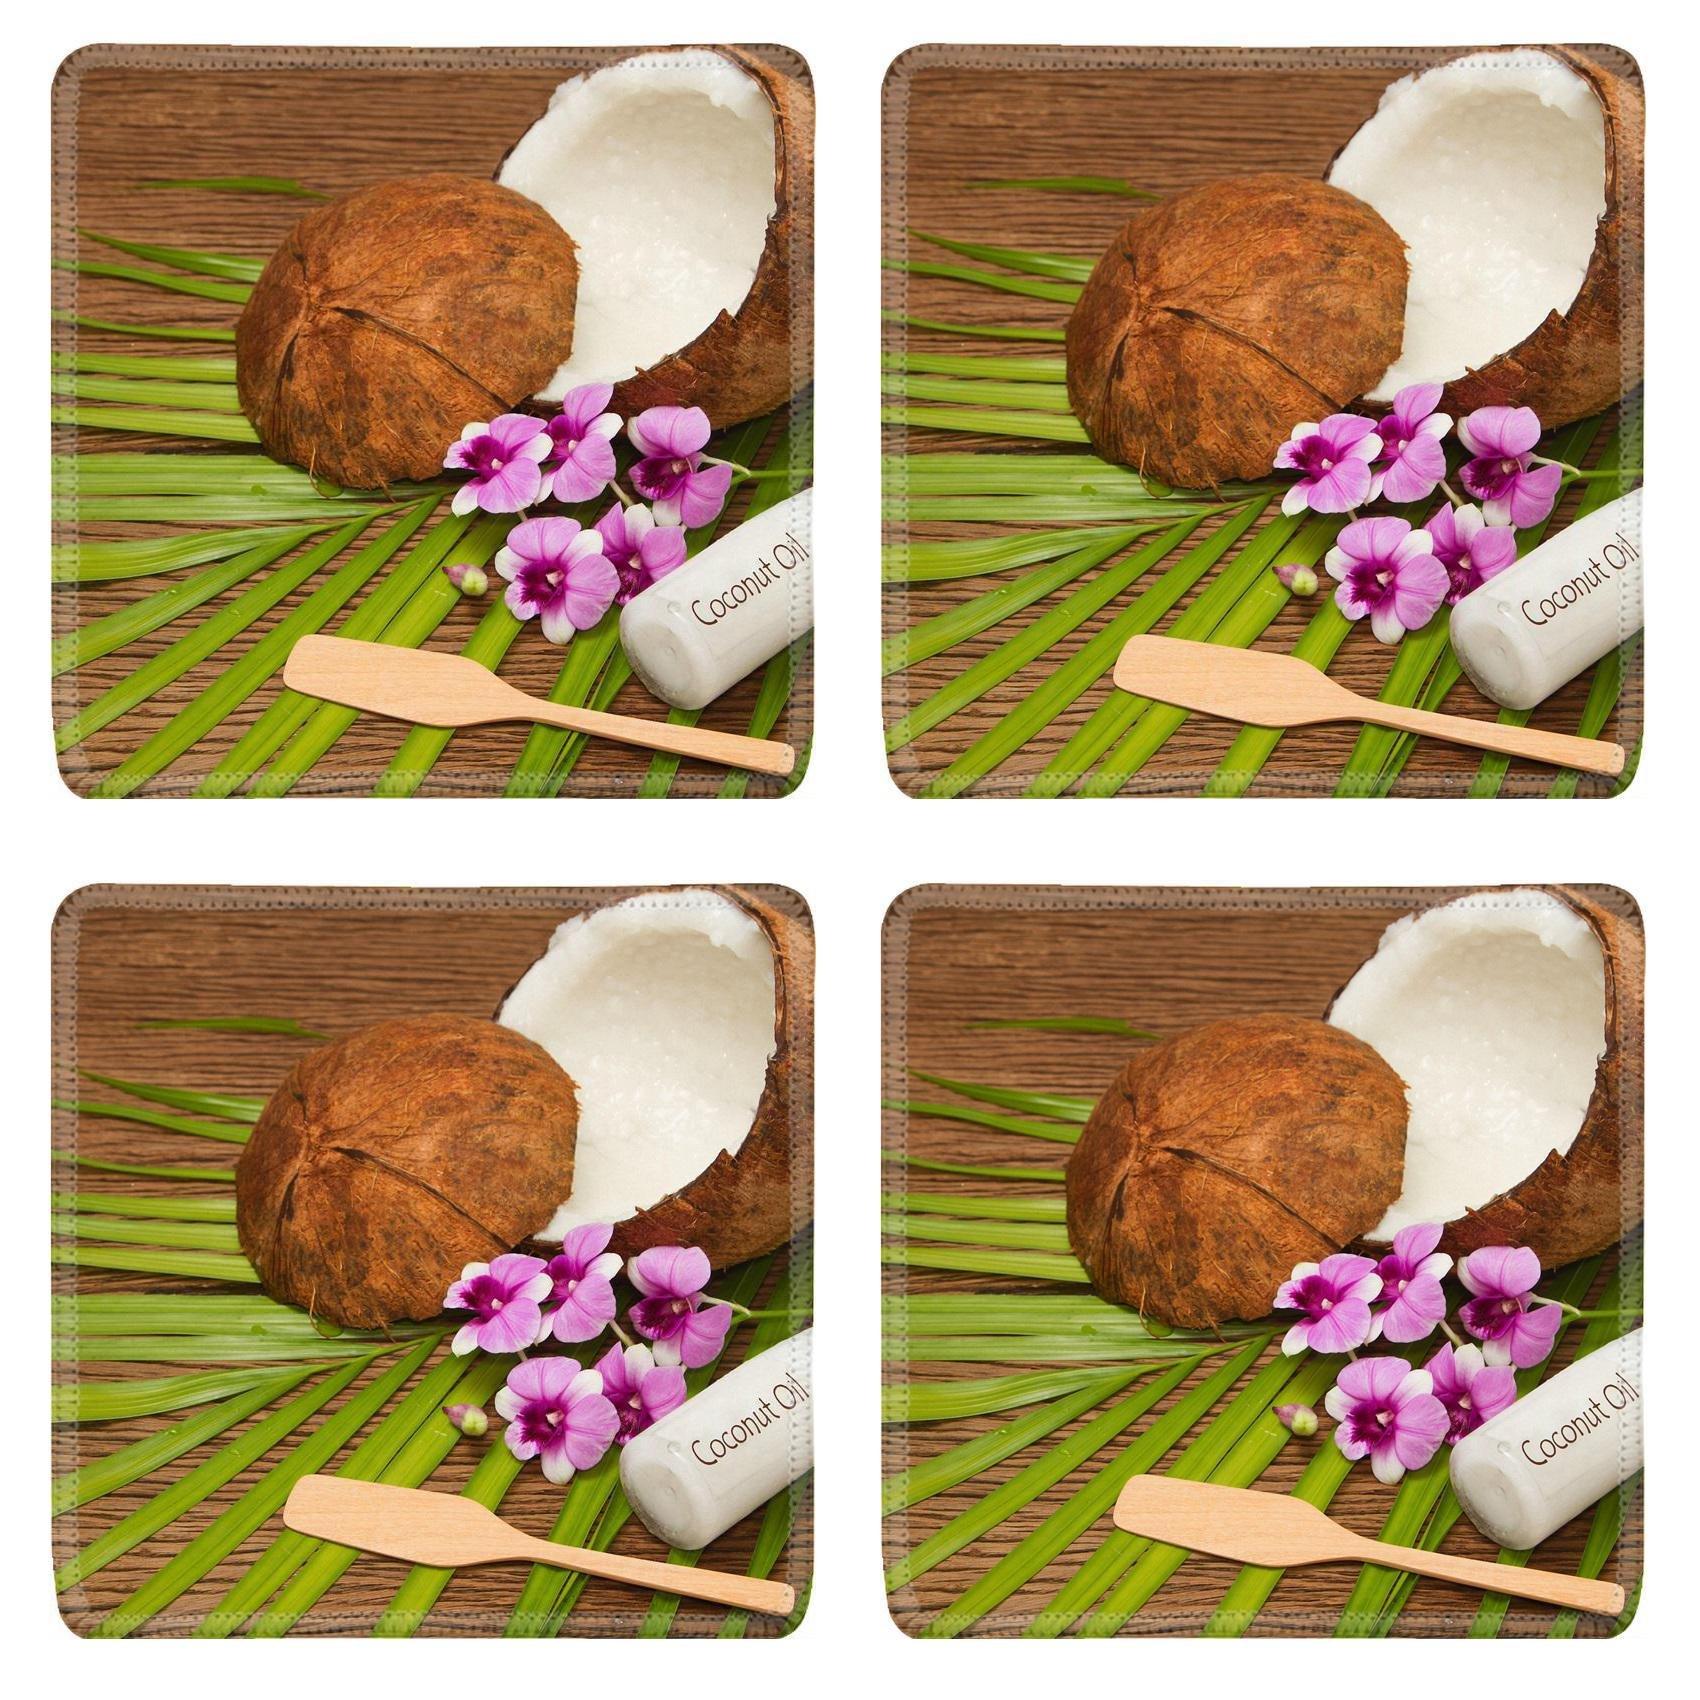 MSD Square Coasters Non-Slip Natural Rubber Desk Coasters design 29018963 Coconut and organic coconut oil for beauty spa